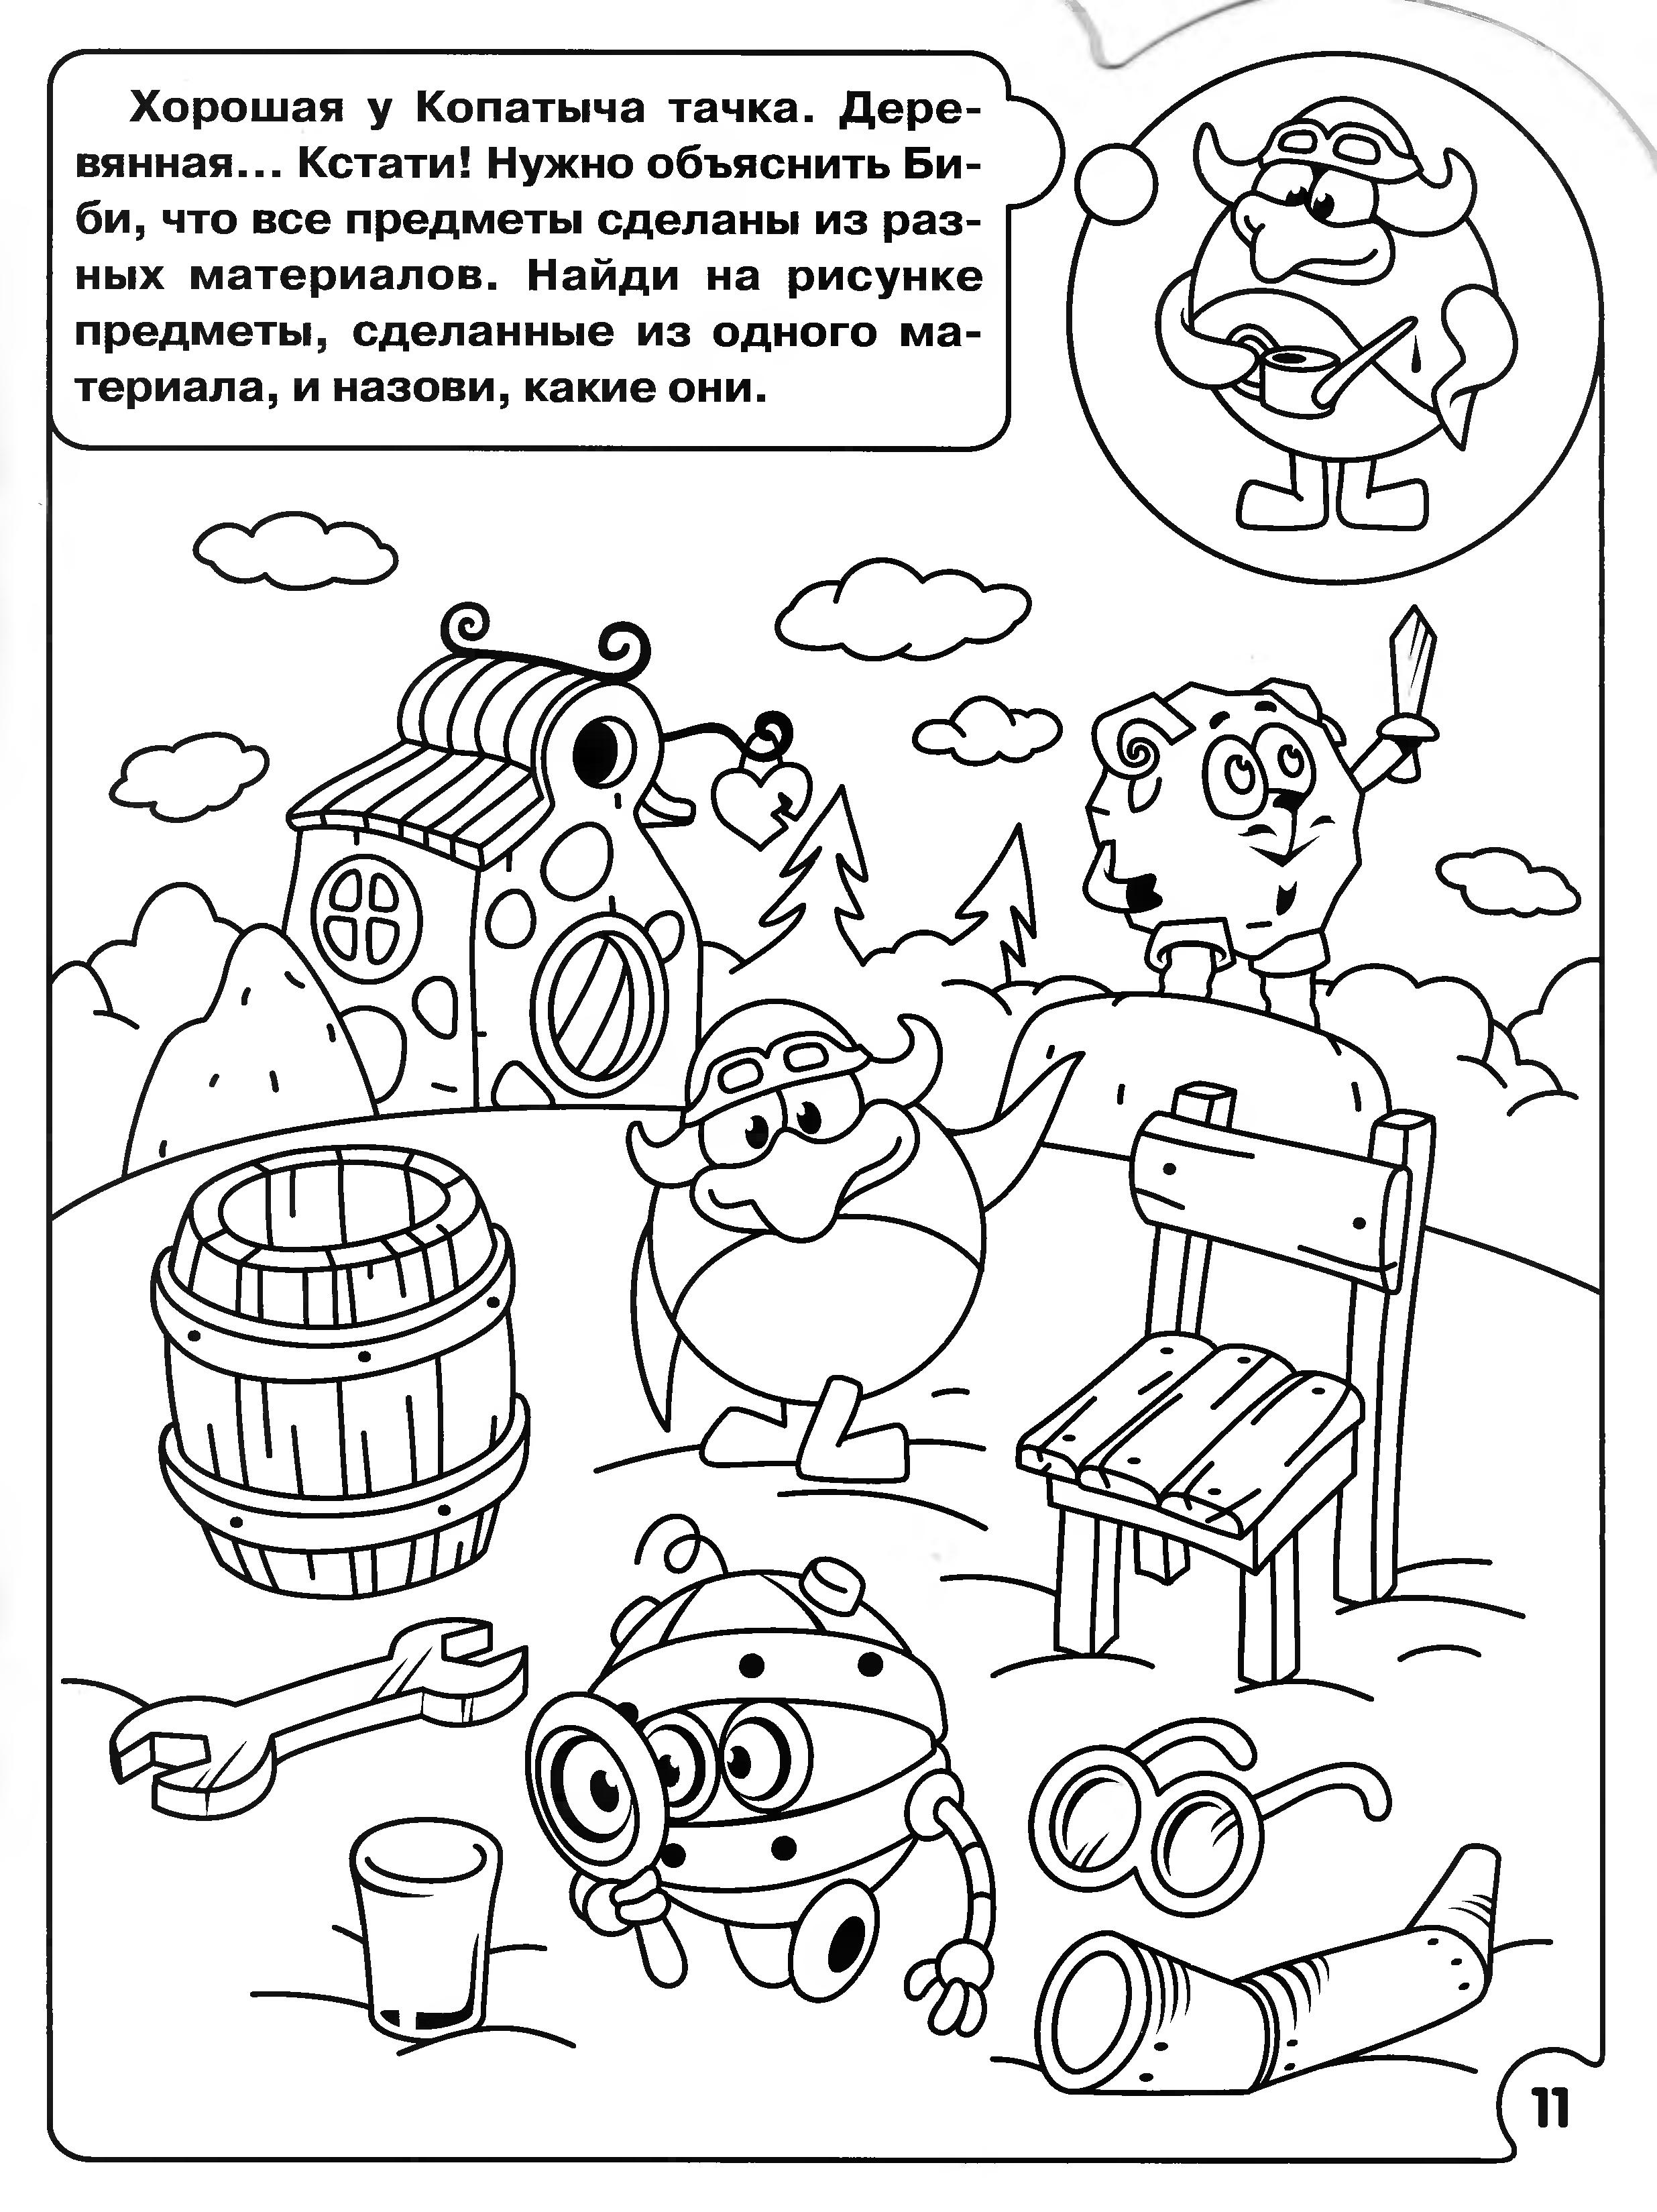 Раскраска с Пином и Биби - Раскраски Смешарики - YouLoveIt.ru